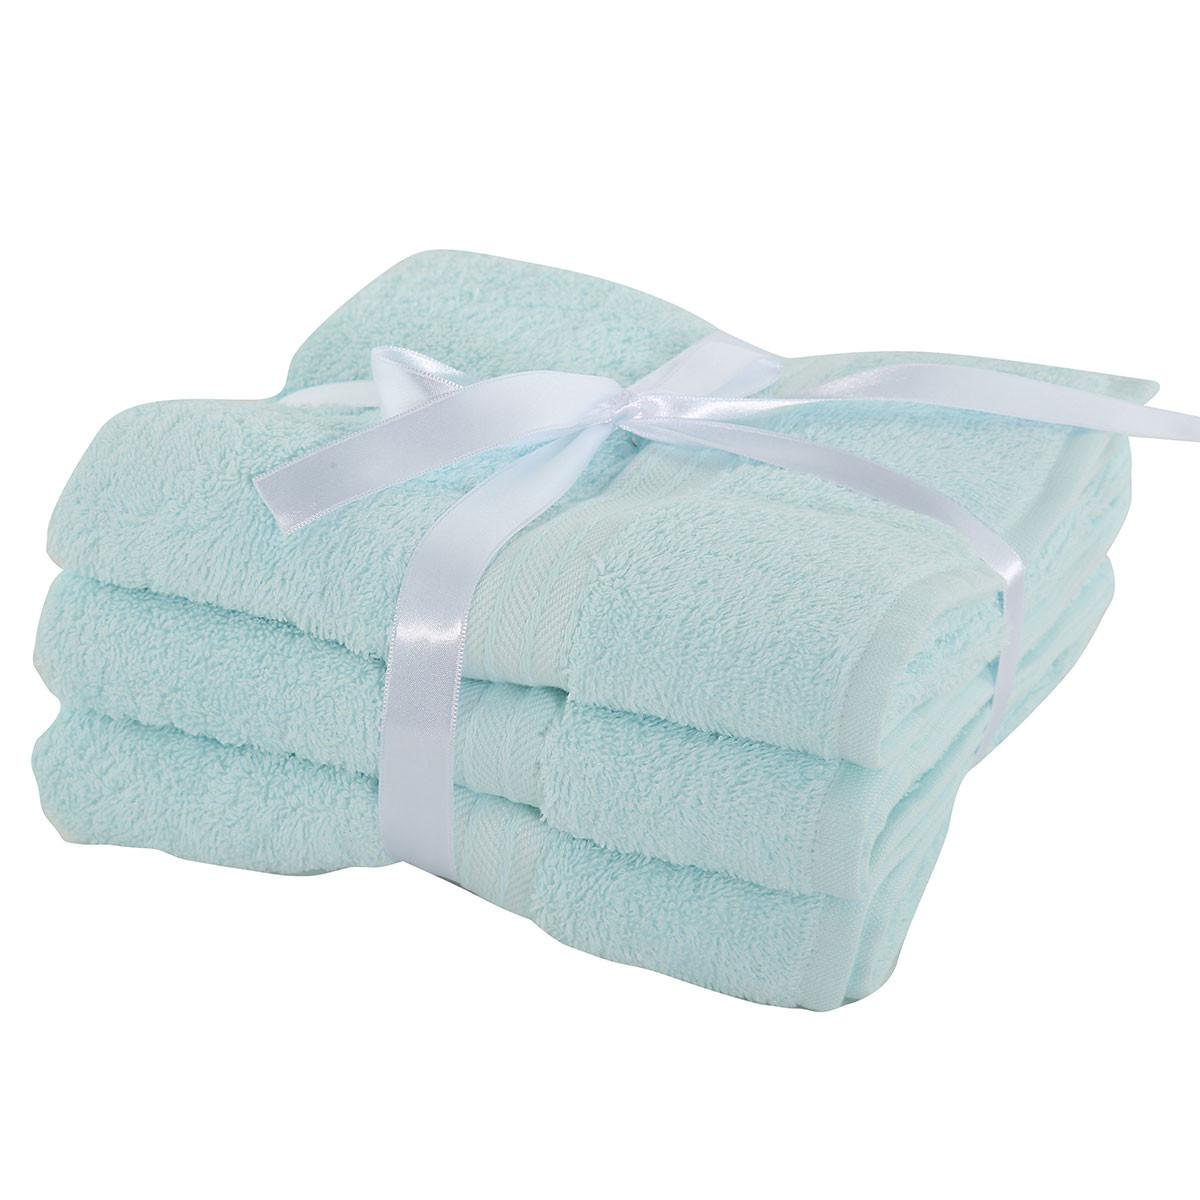 Πετσέτες Προσώπου (Σετ 3τμχ) Nef-Nef Cosy Mint